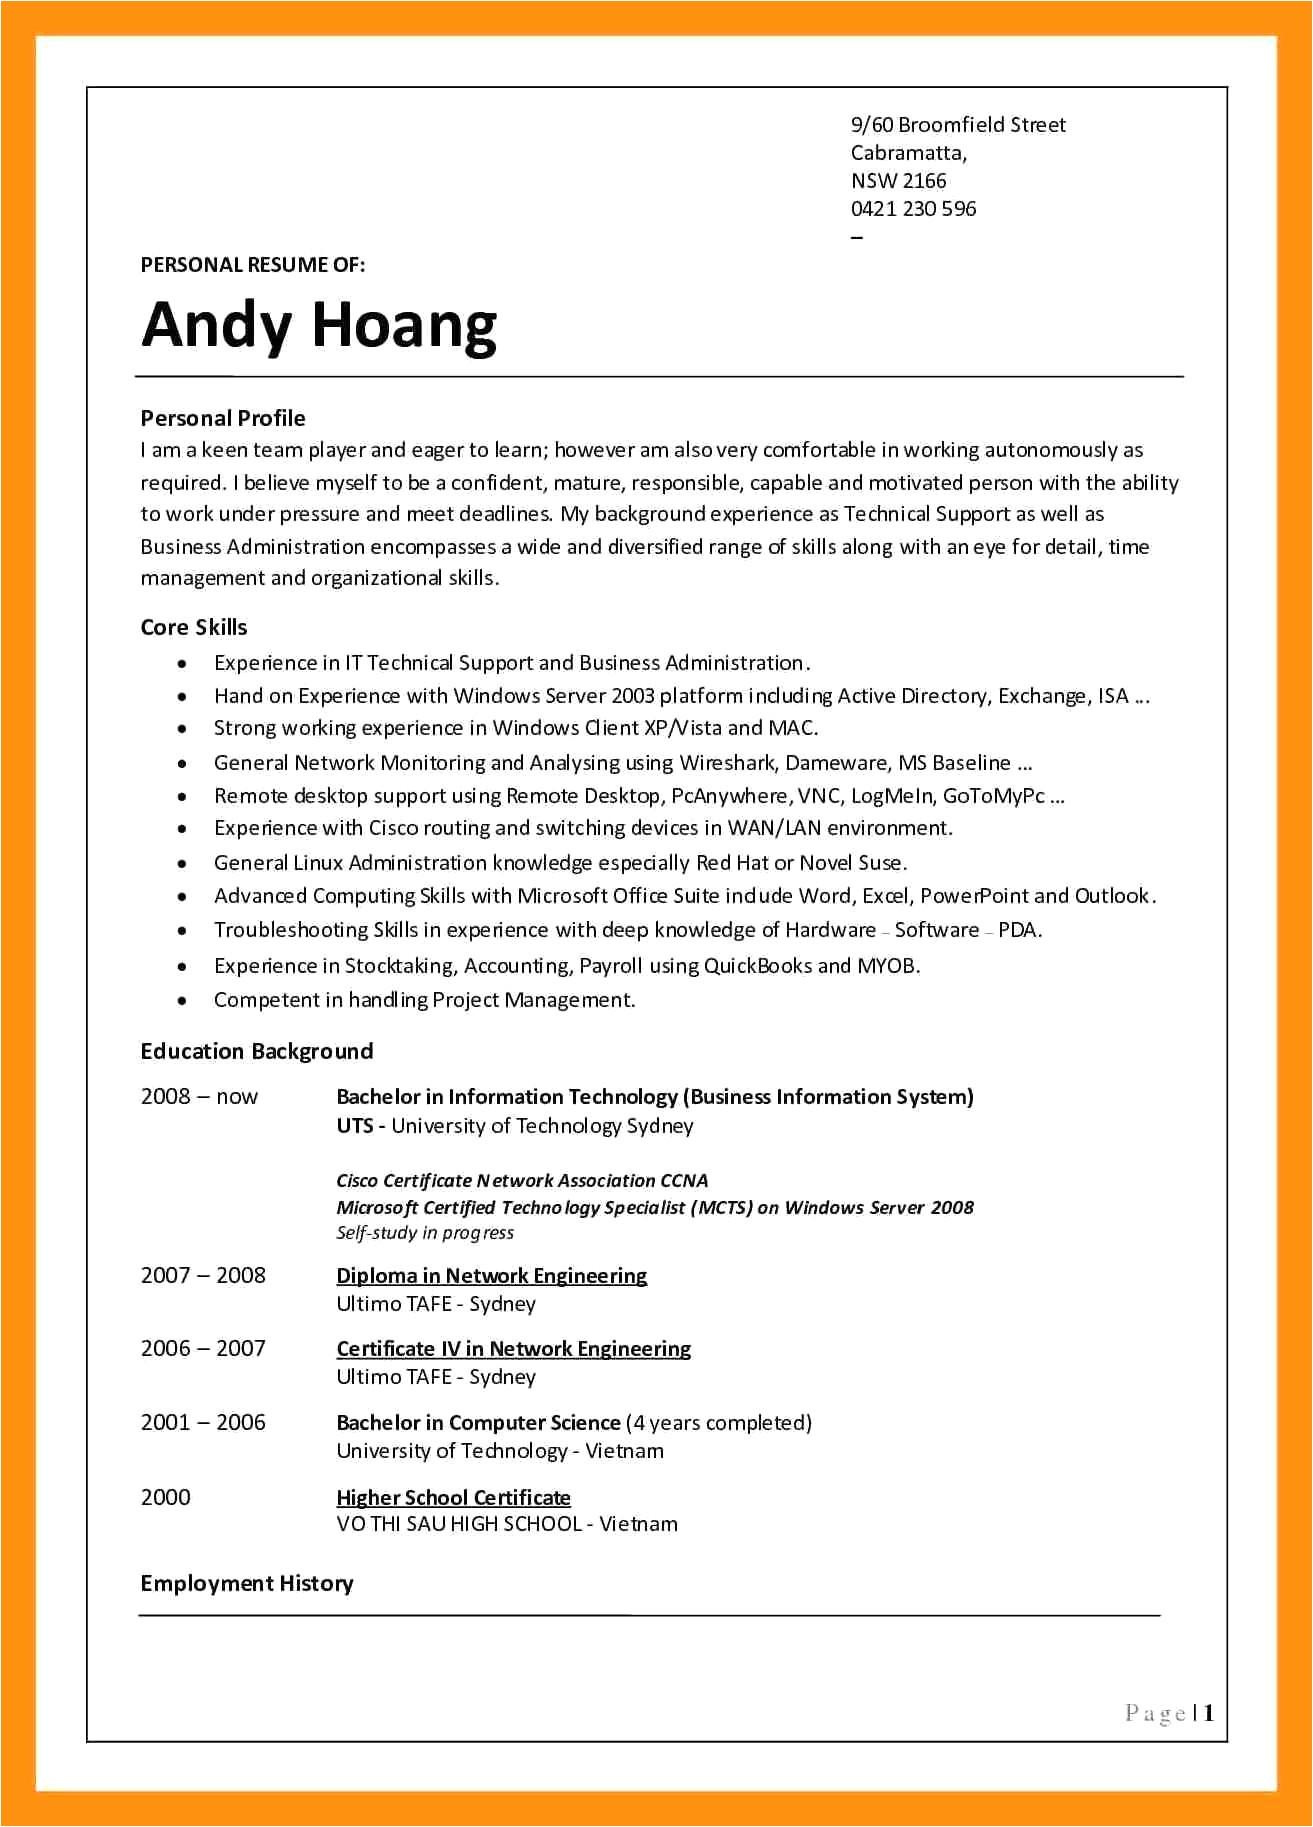 Sample Resume for Web Designer Fresher Sample Resume for Web Designer Fresher Beautiful Resume